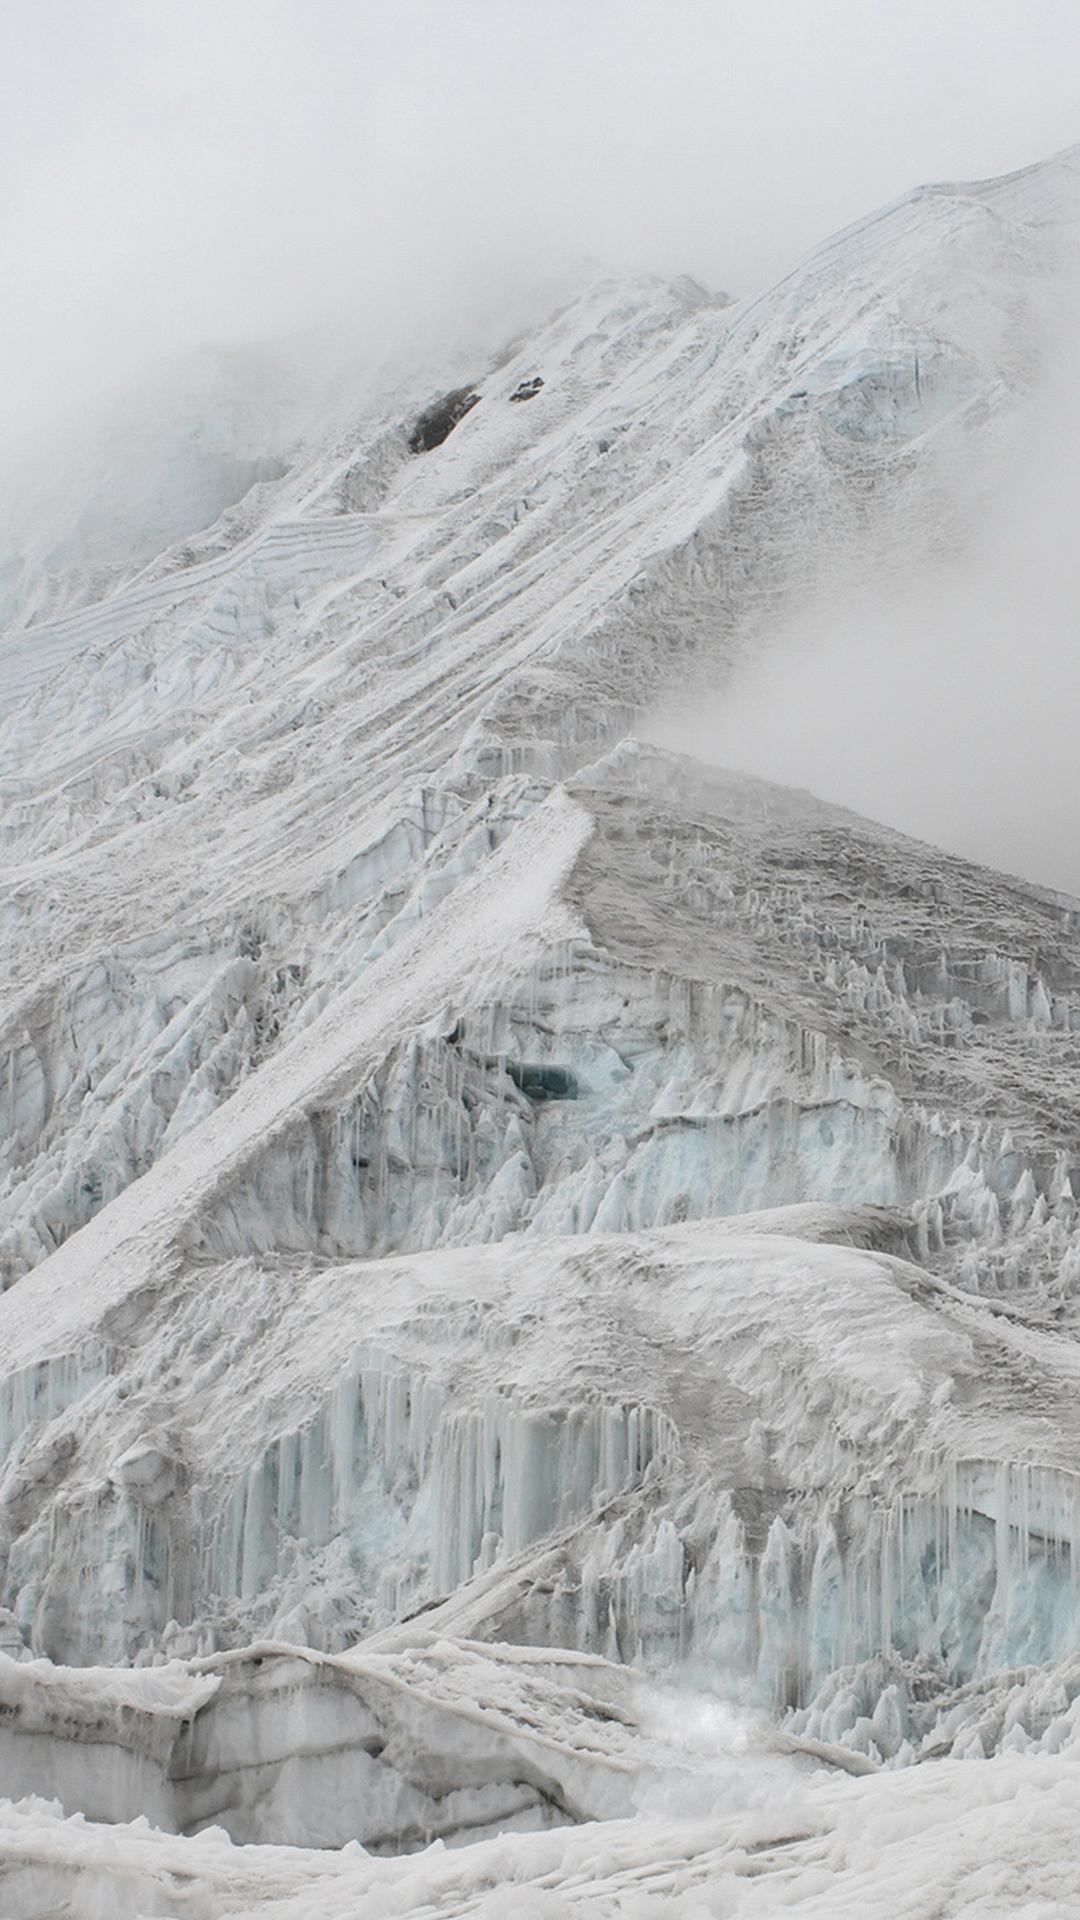 snowy-ridge-5536